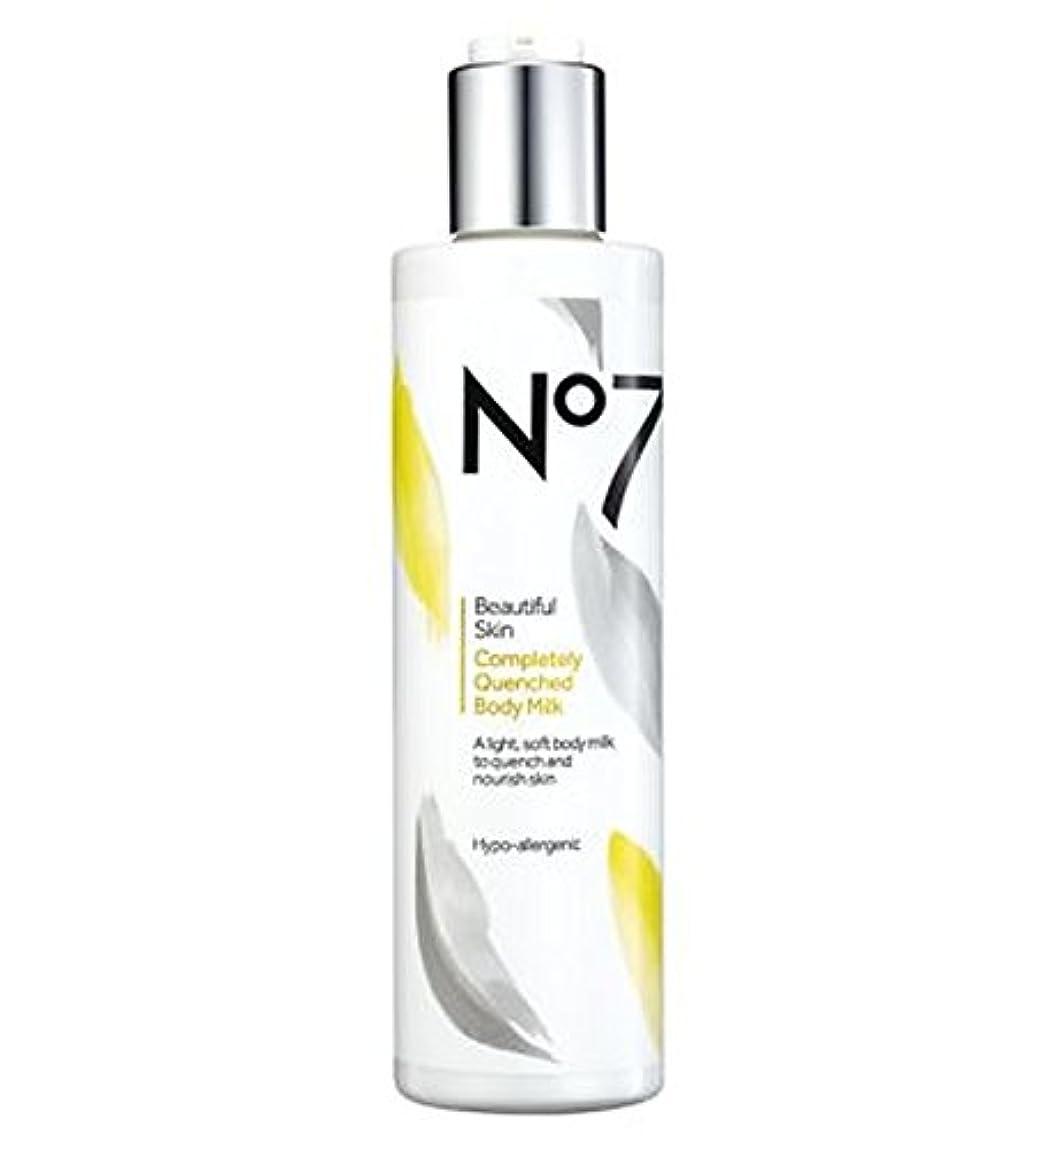 悲惨なできた高音No7美しい肌完全に急冷ボディミルク (No7) (x2) - No7 Beautiful Skin Completely Quenched Body Milk (Pack of 2) [並行輸入品]